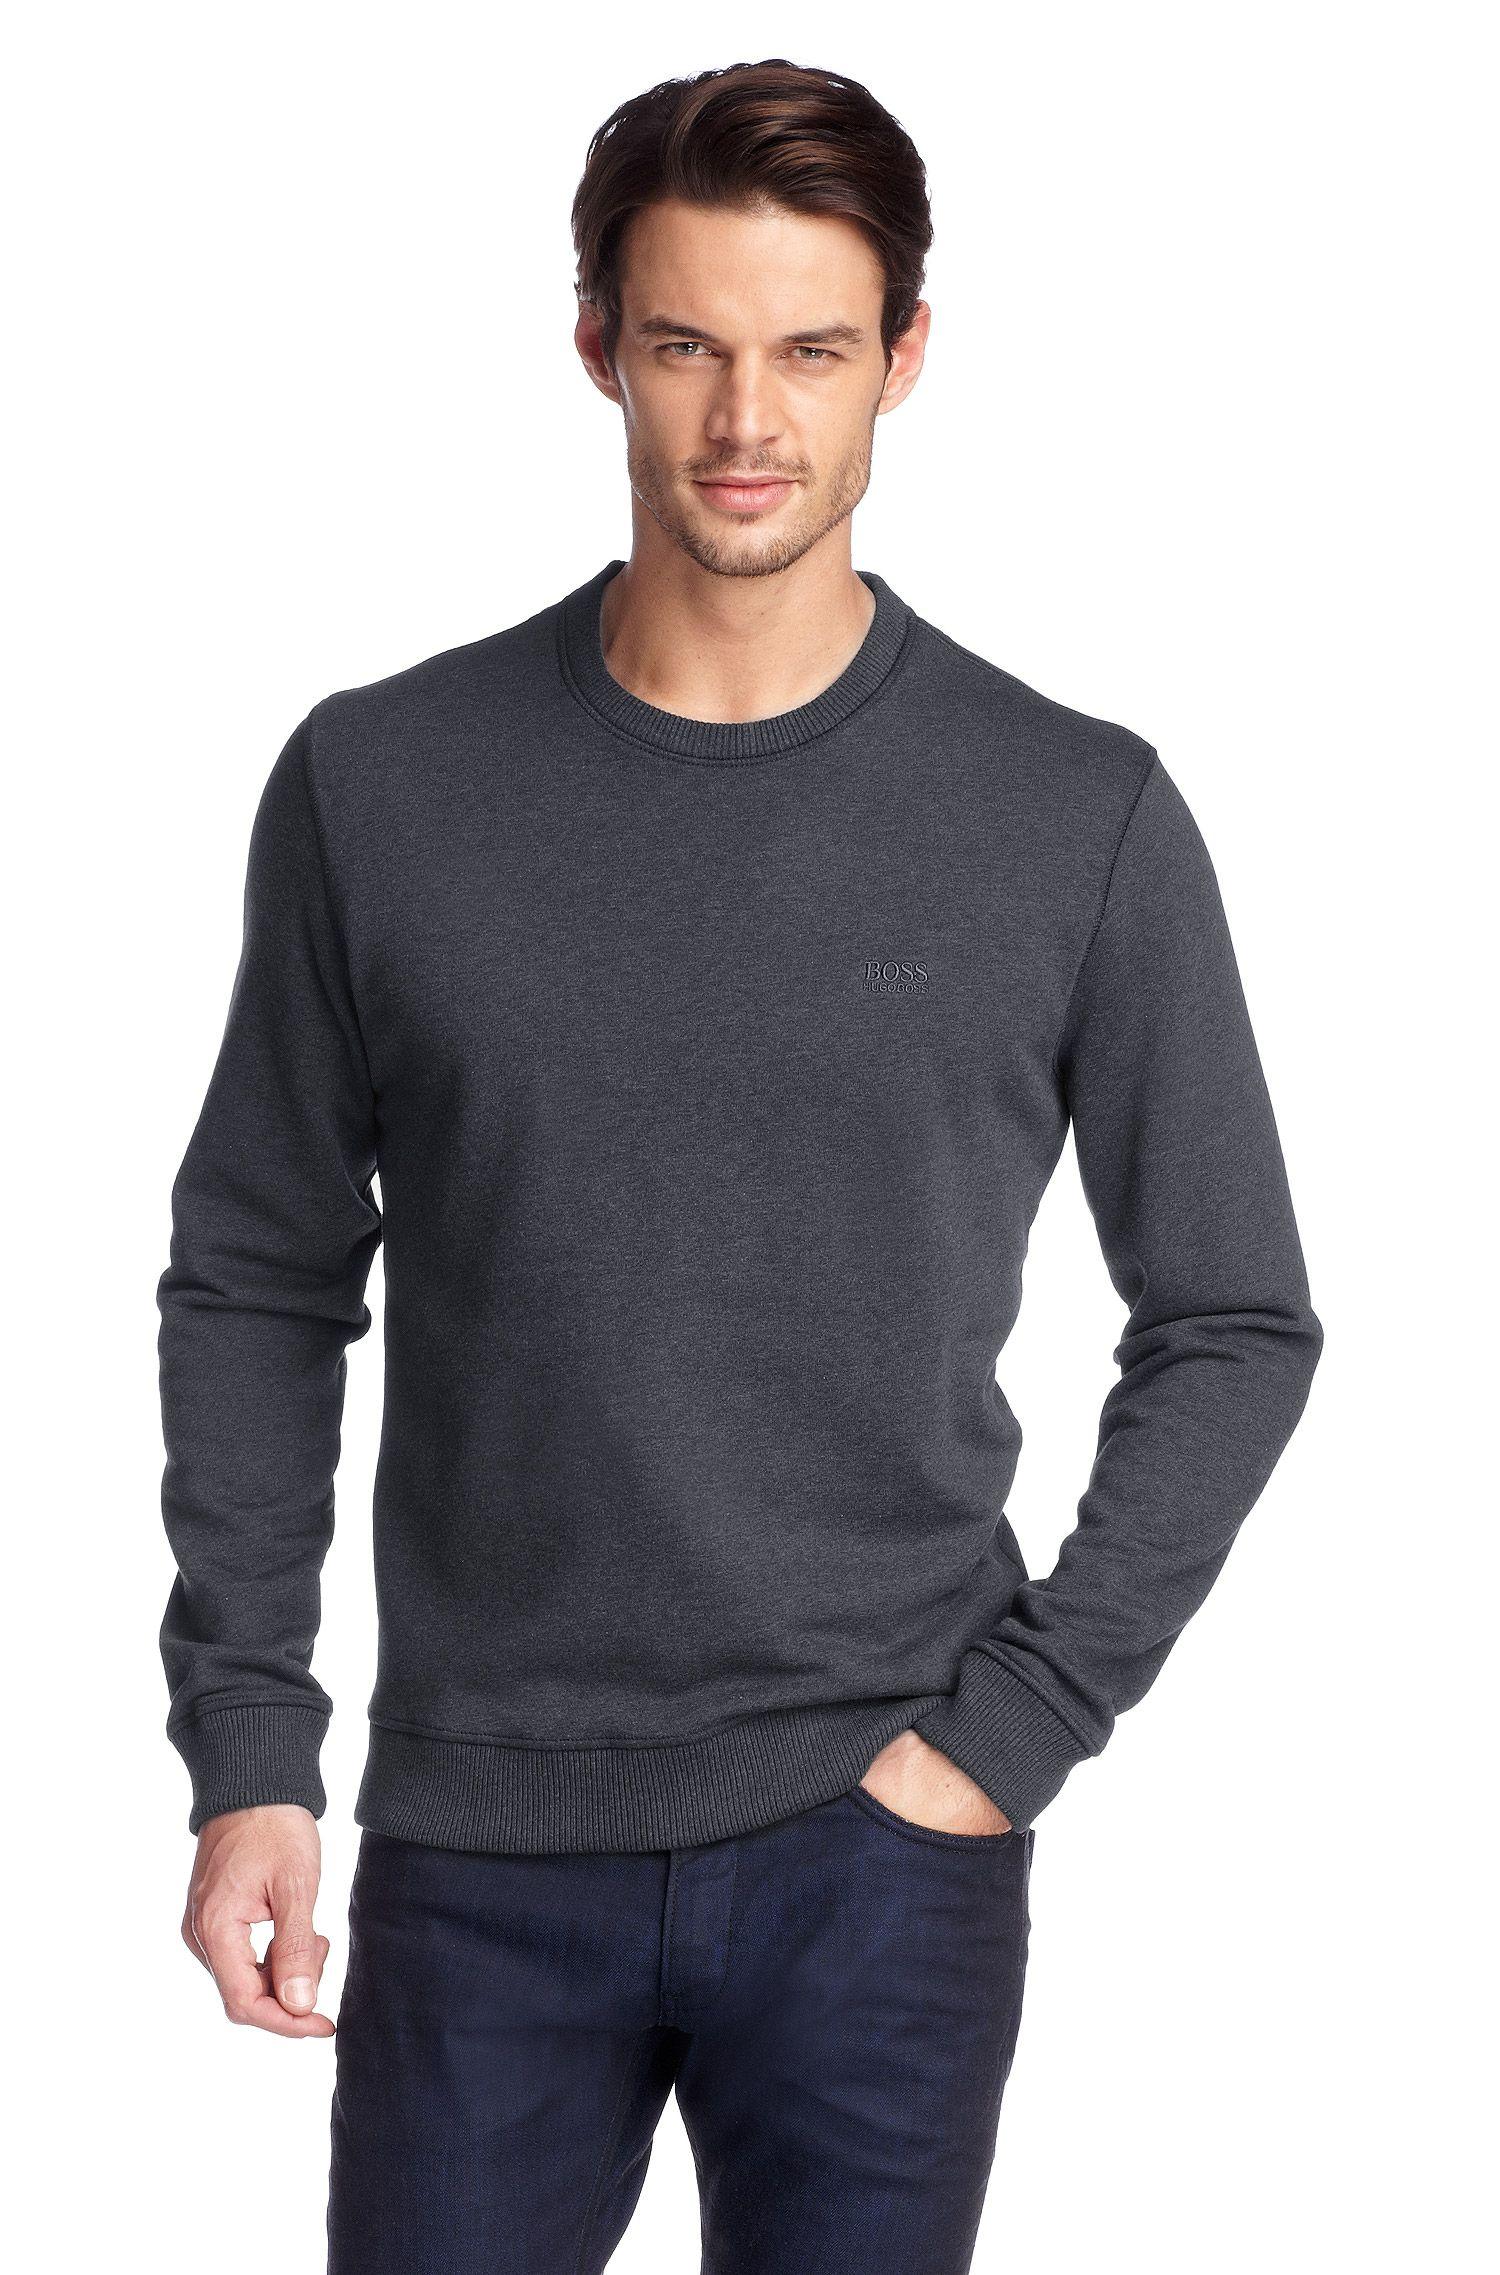 Sweatshirt ´Uno 01` mit gerippten Bündchen